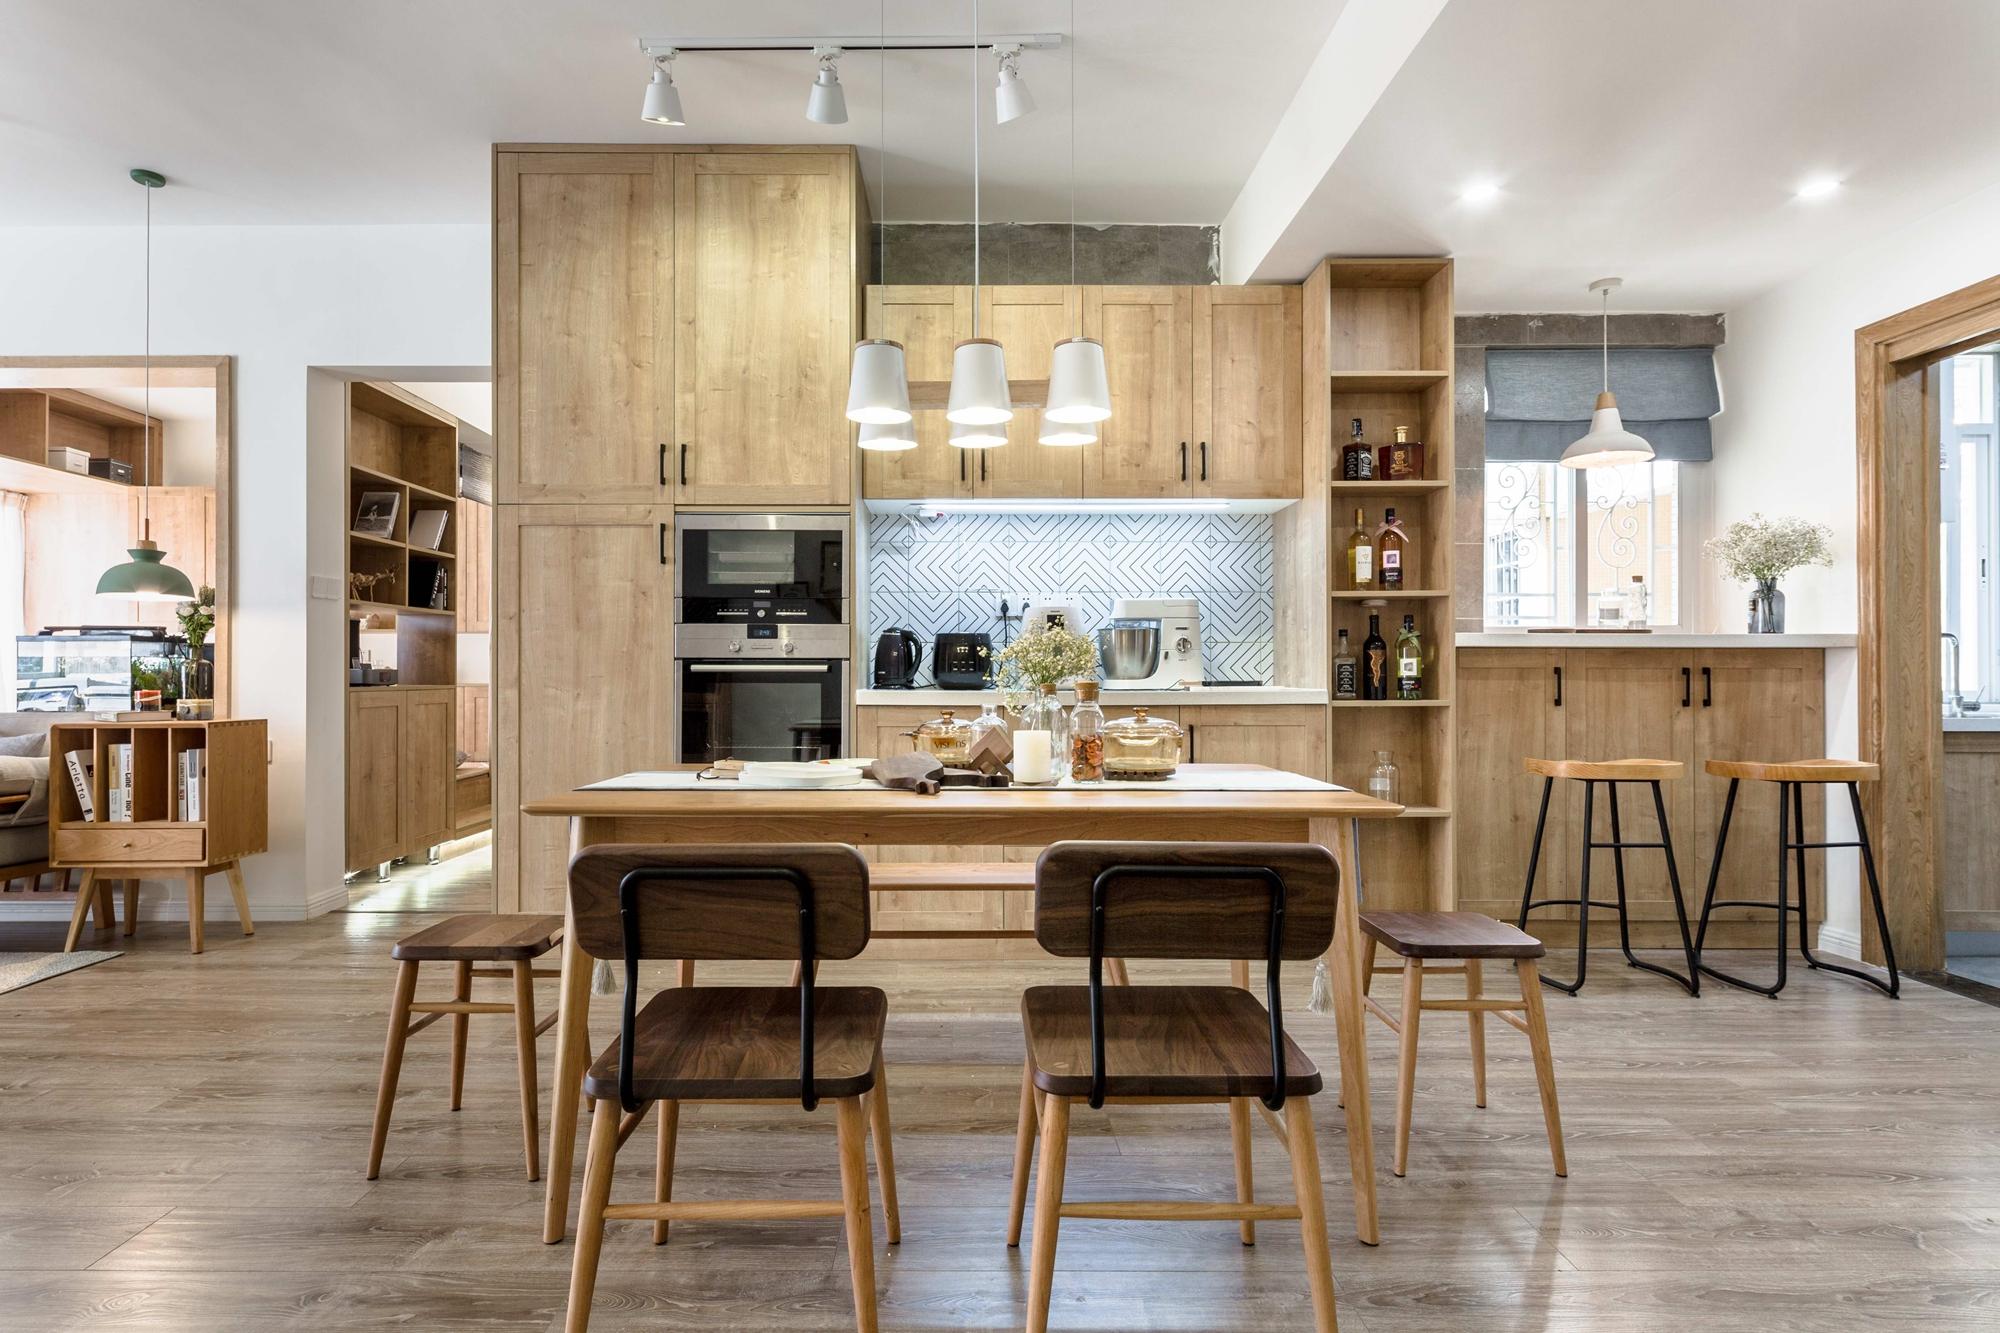 三居室日式风格餐厅布置图